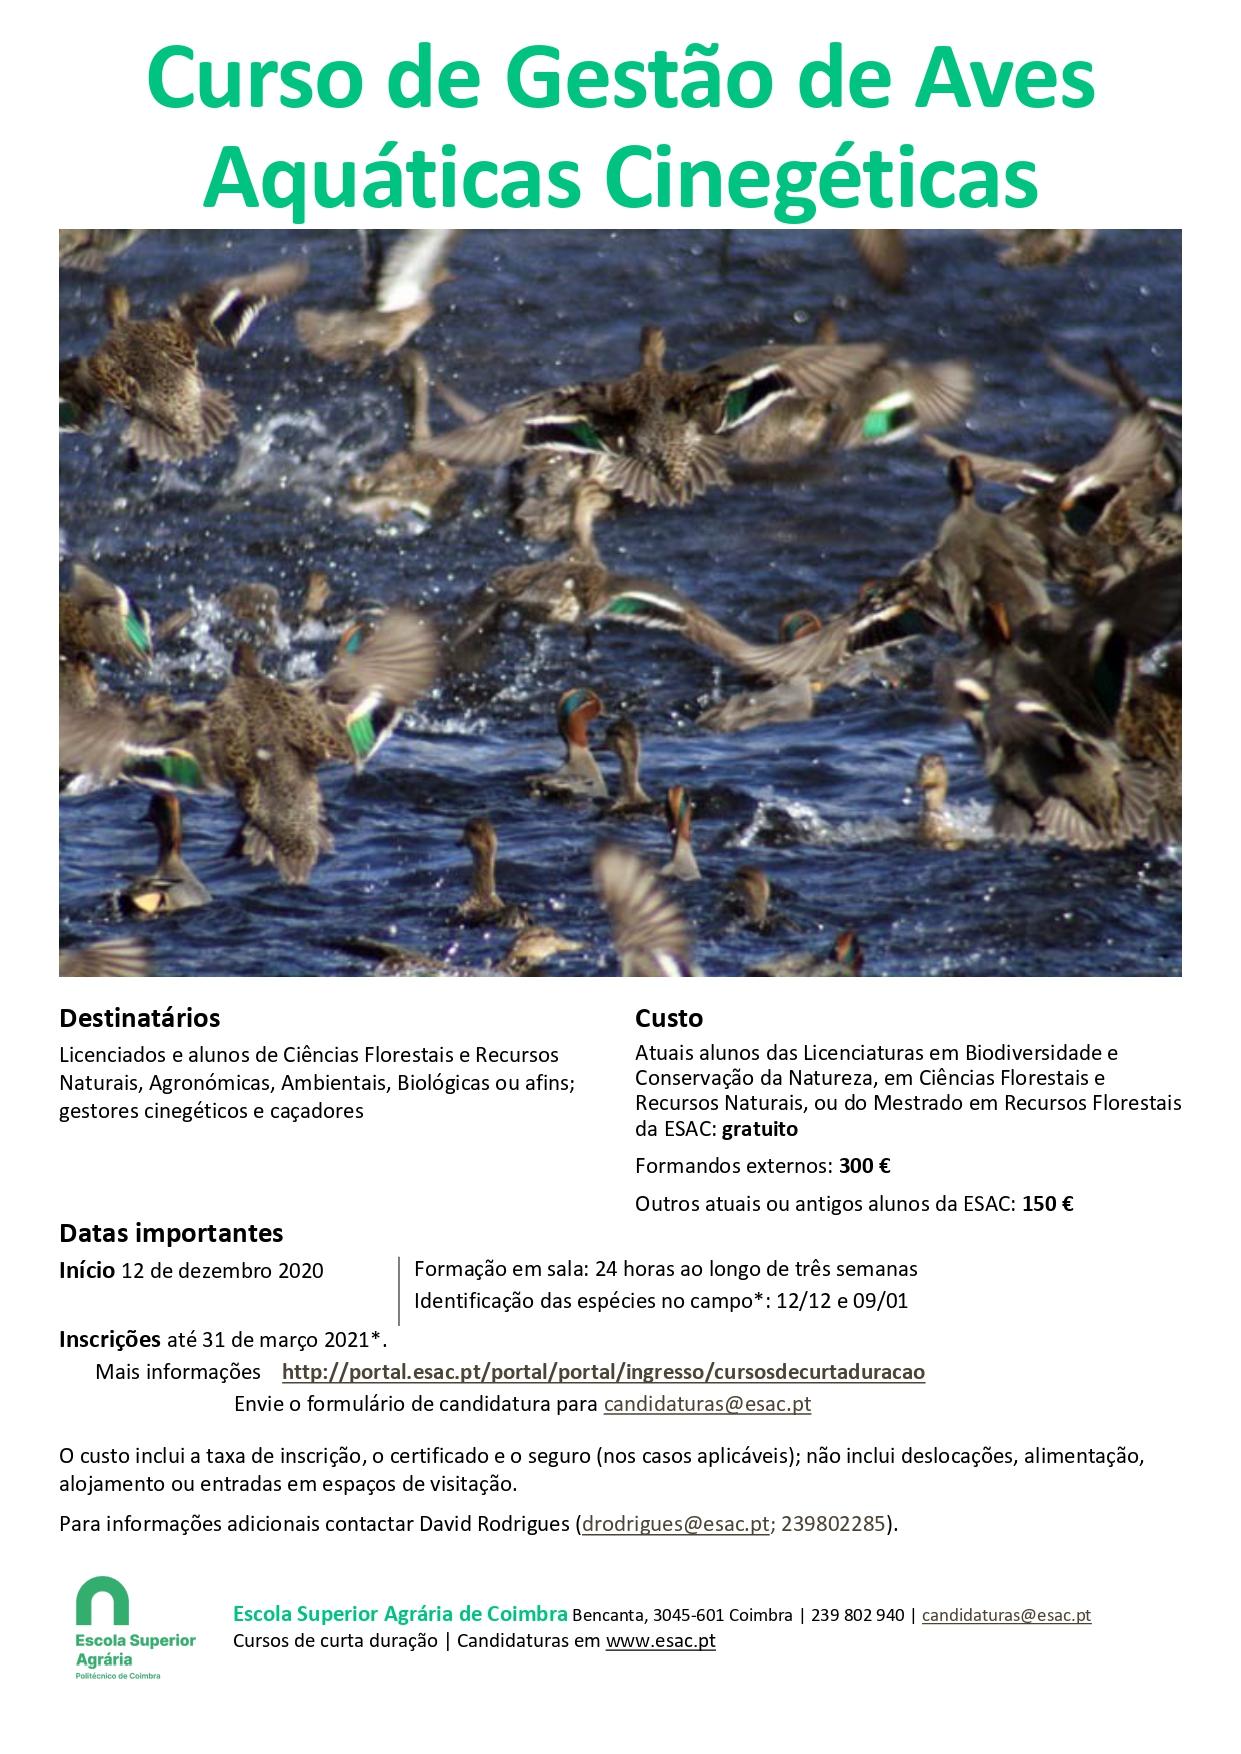 Curso de gestão de aves aquáticas cinegéticas